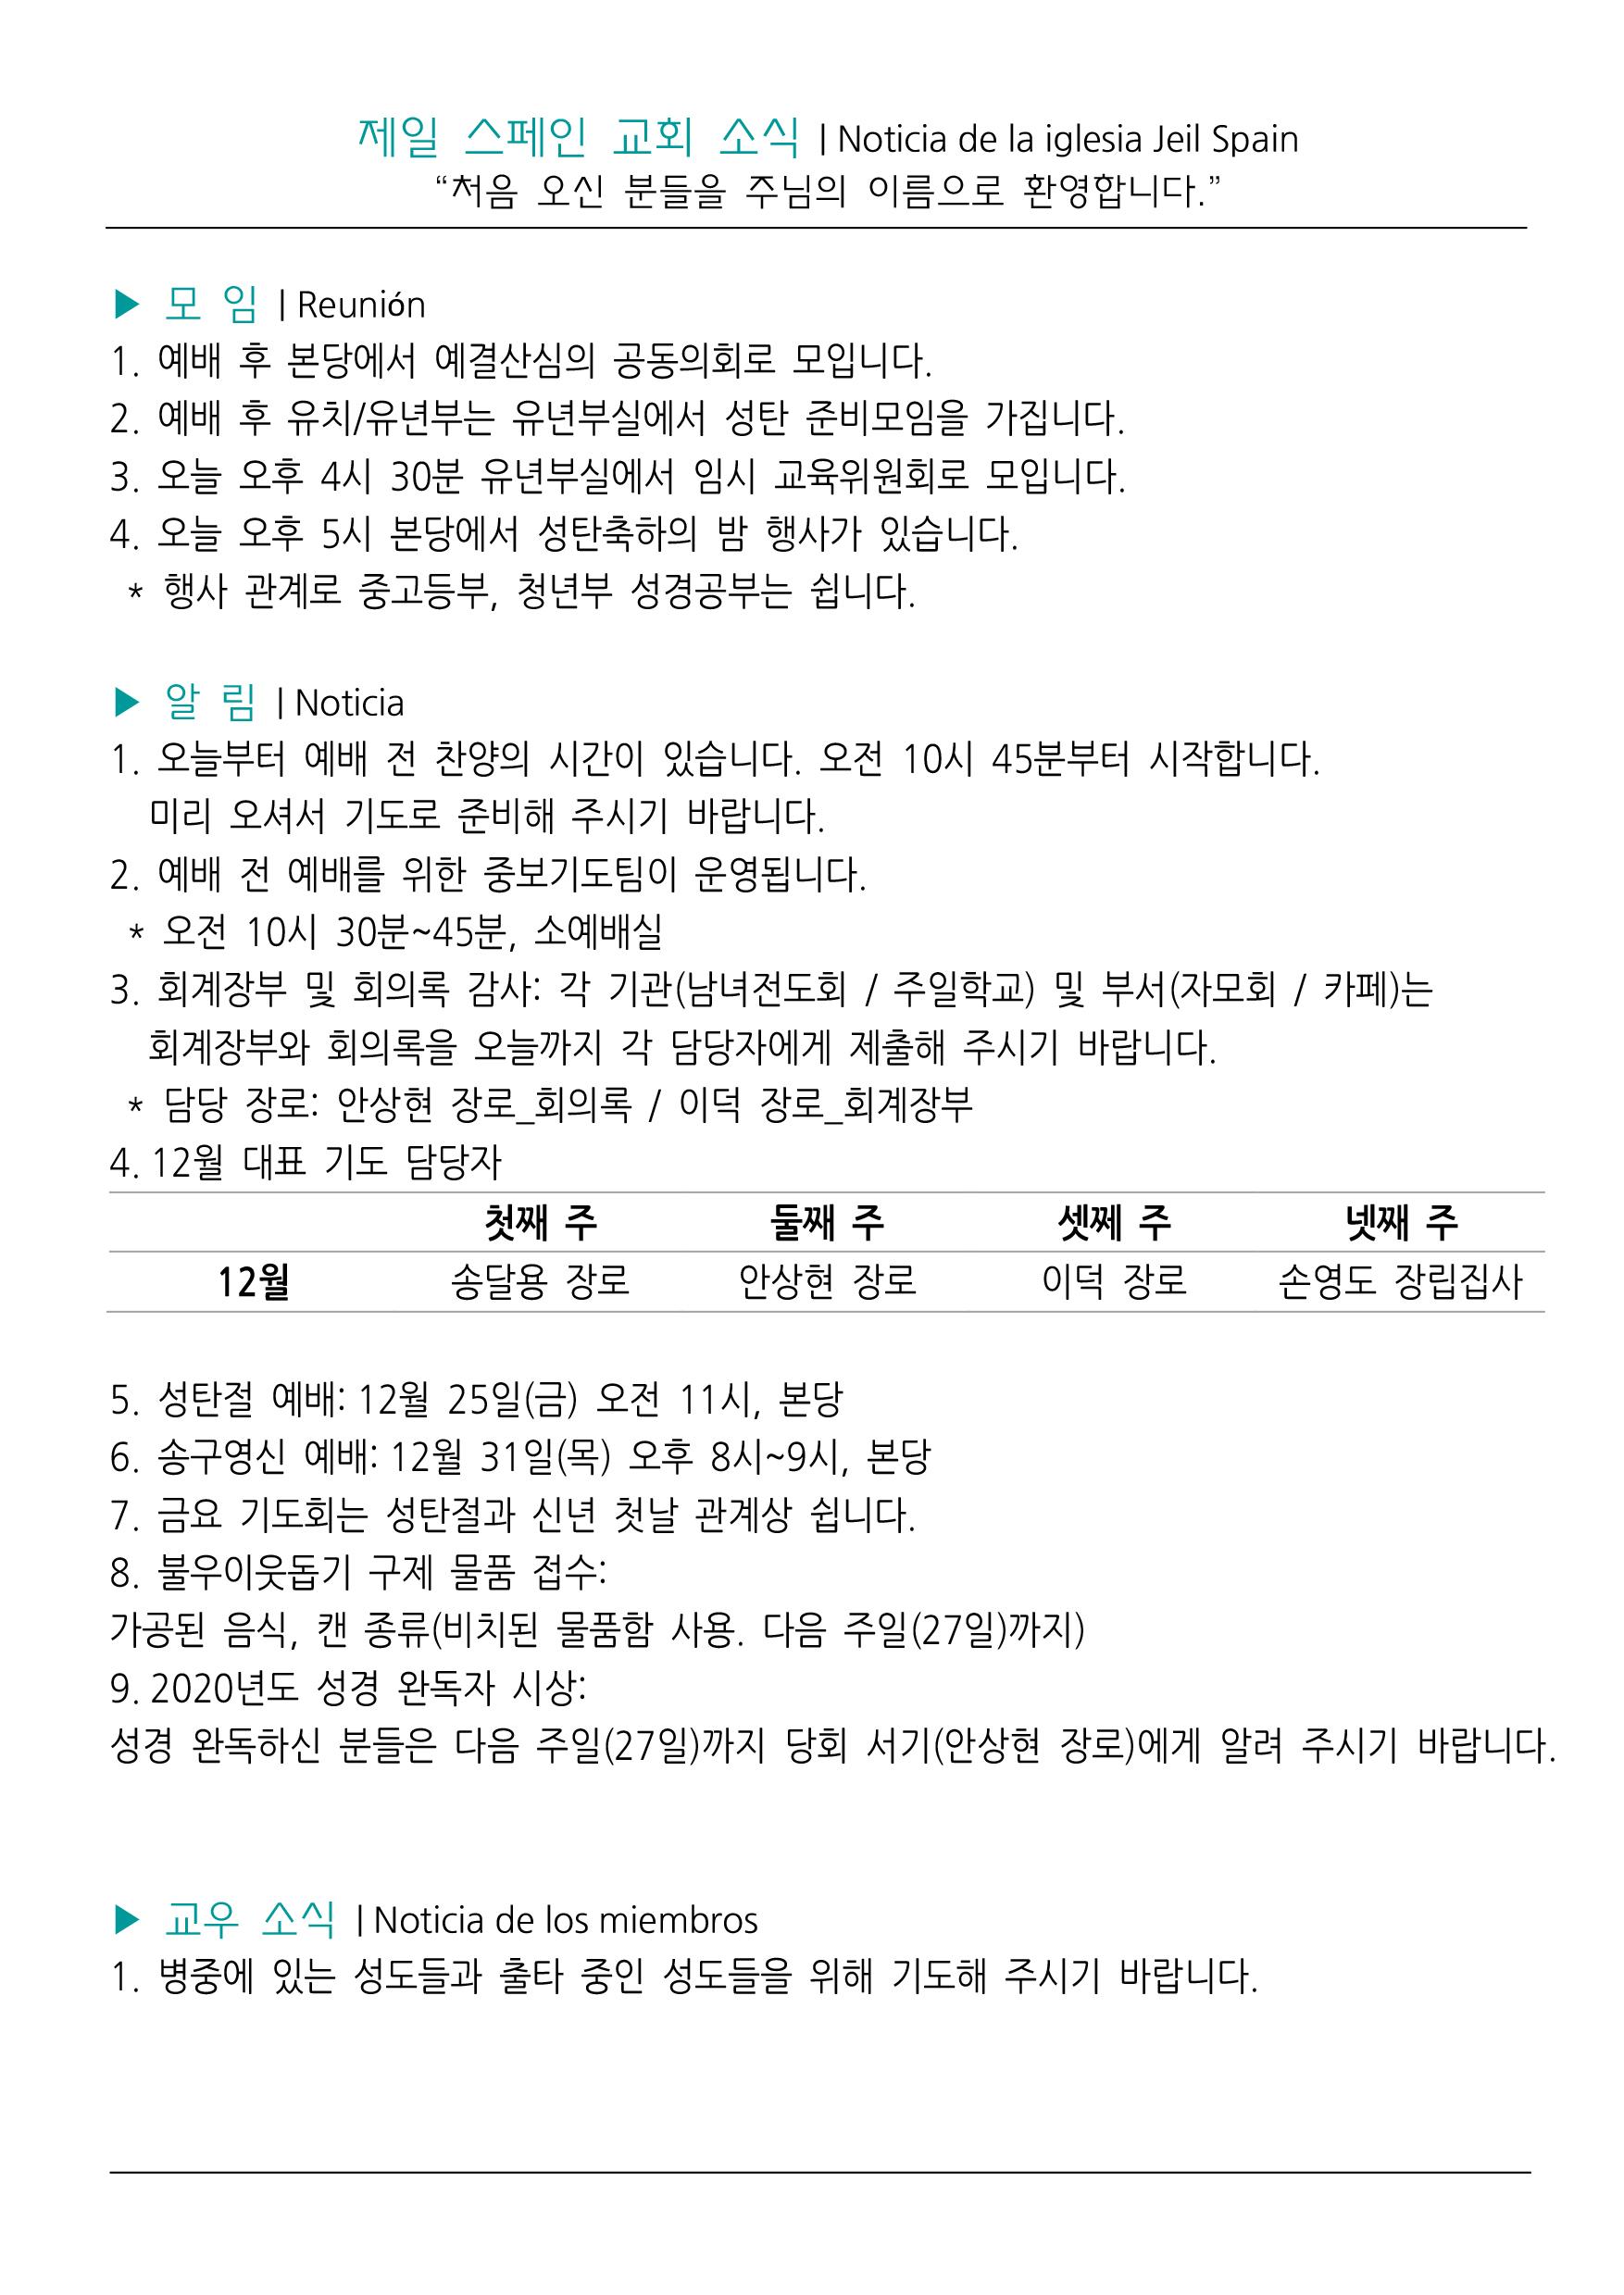 201220 2 copy.jpg